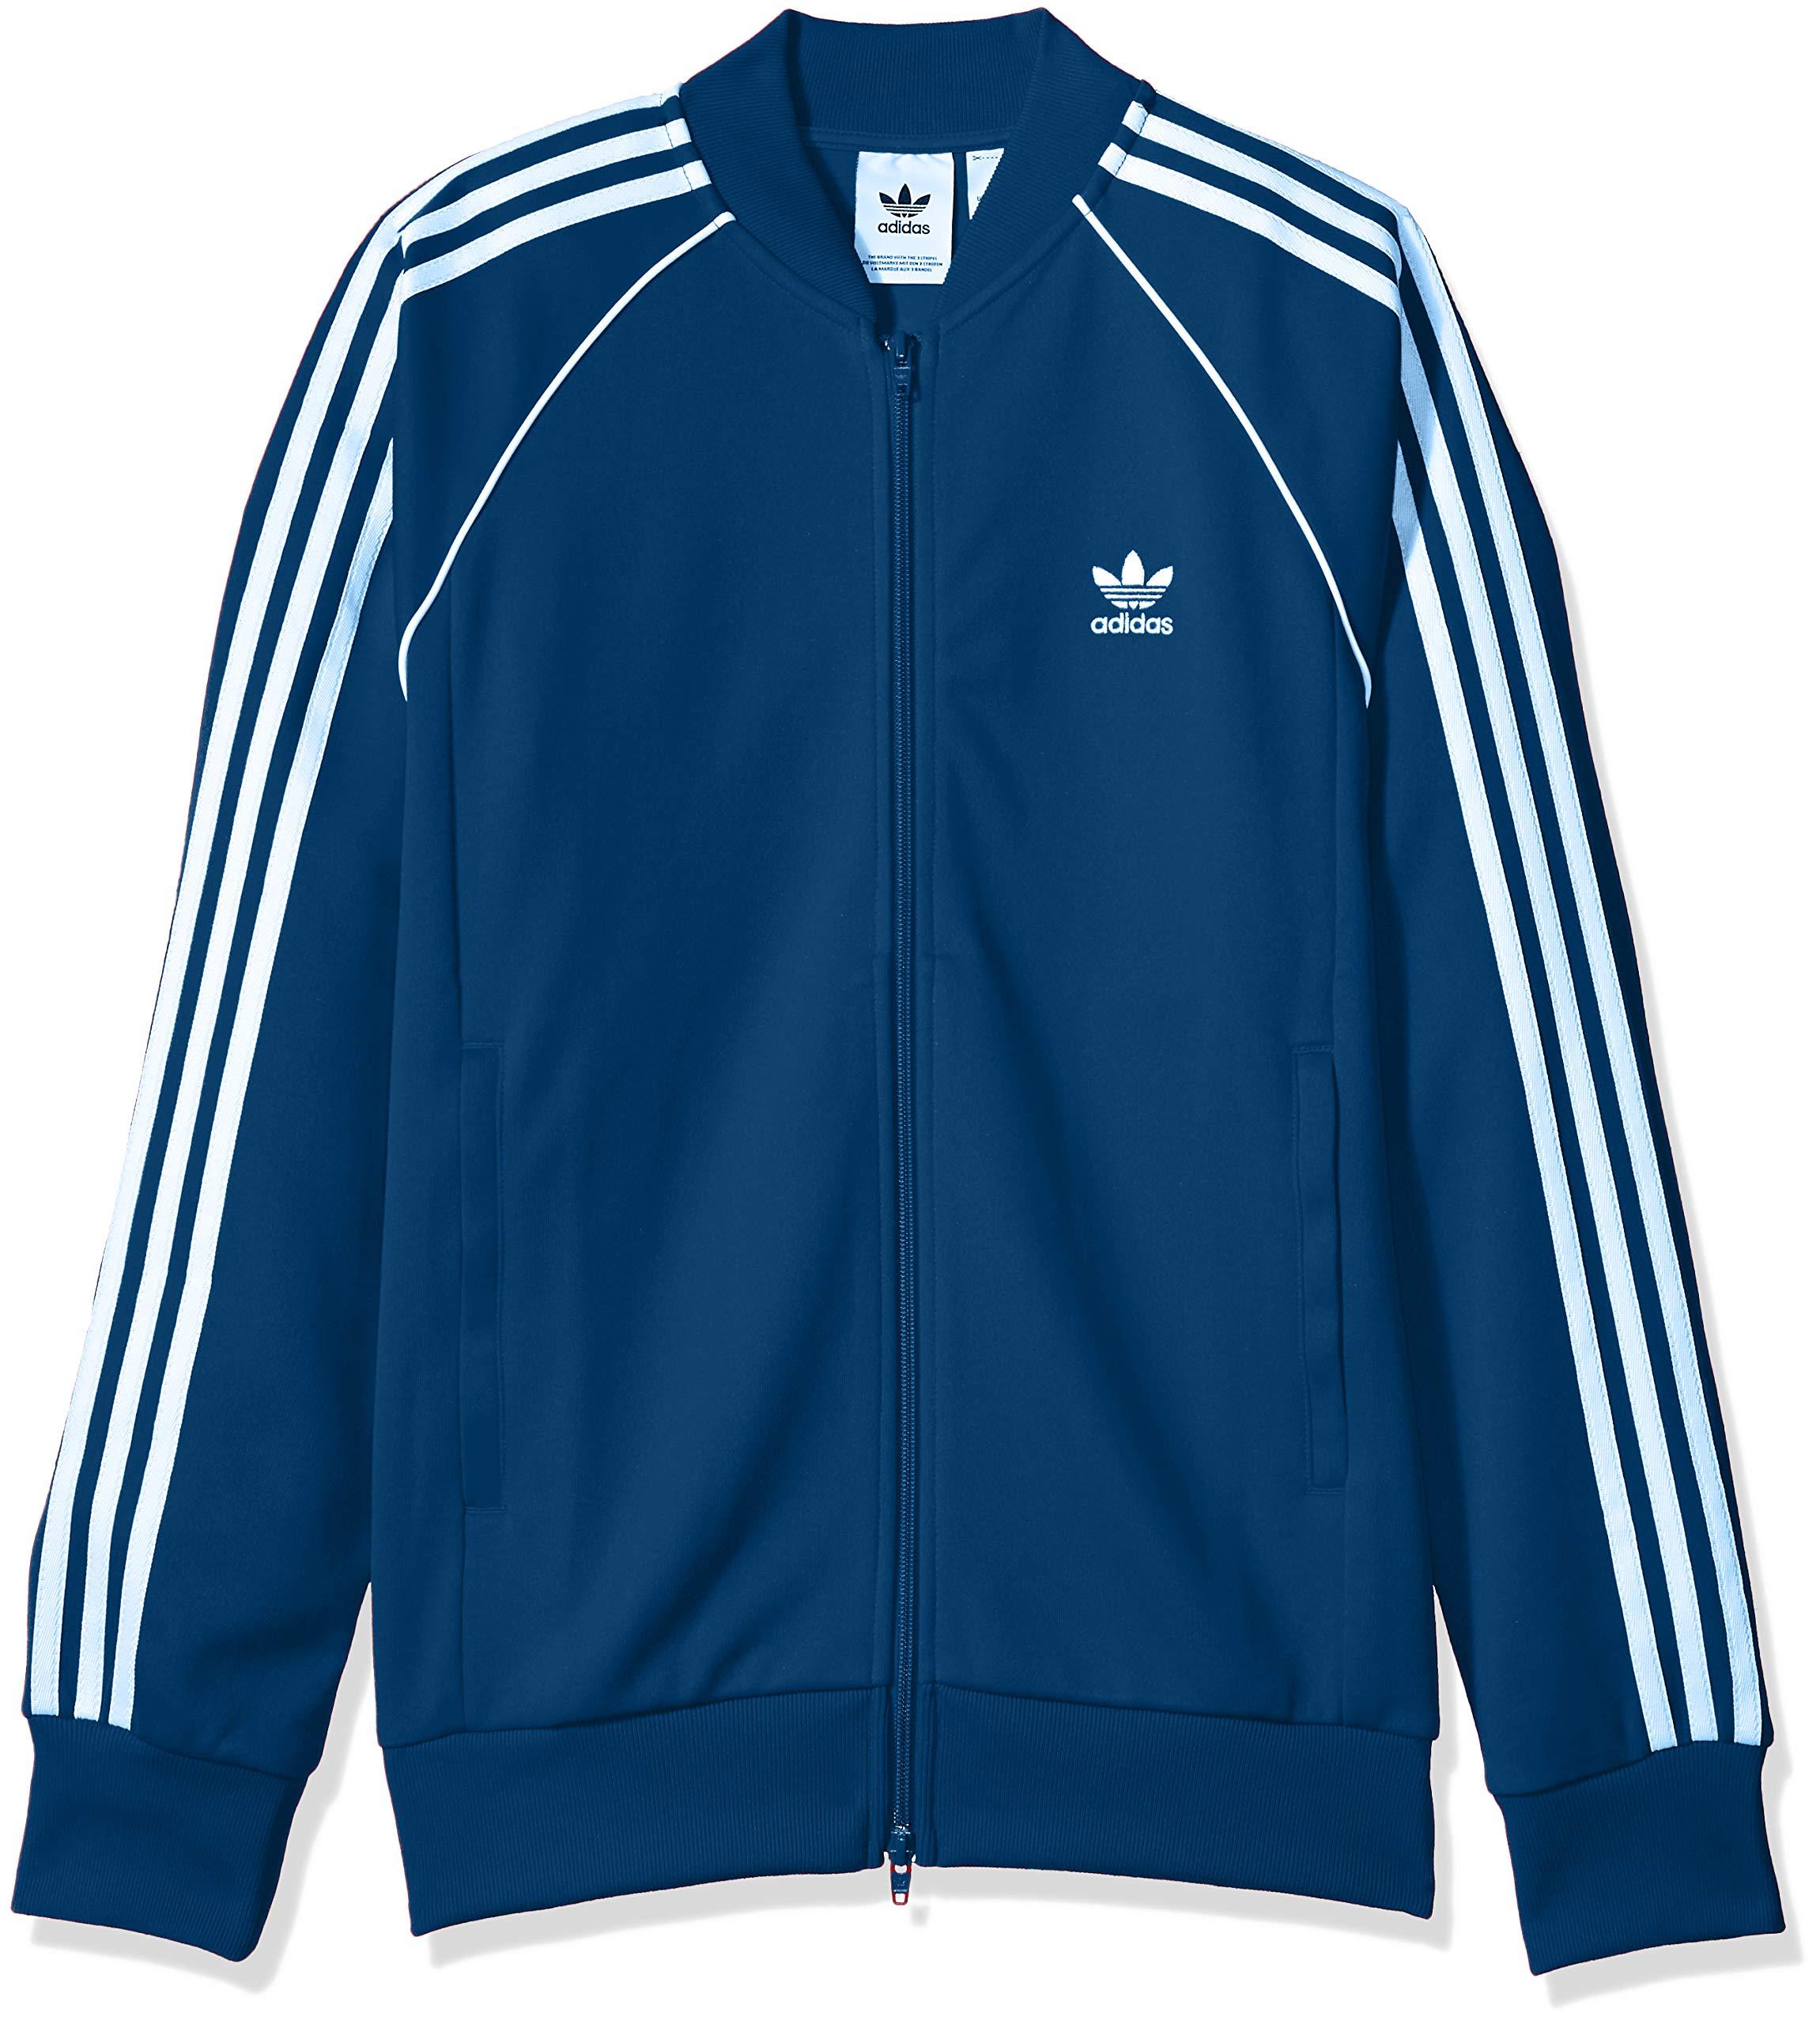 adidas Originals Men's Superstar Track Jacket, Legend Marine, Large